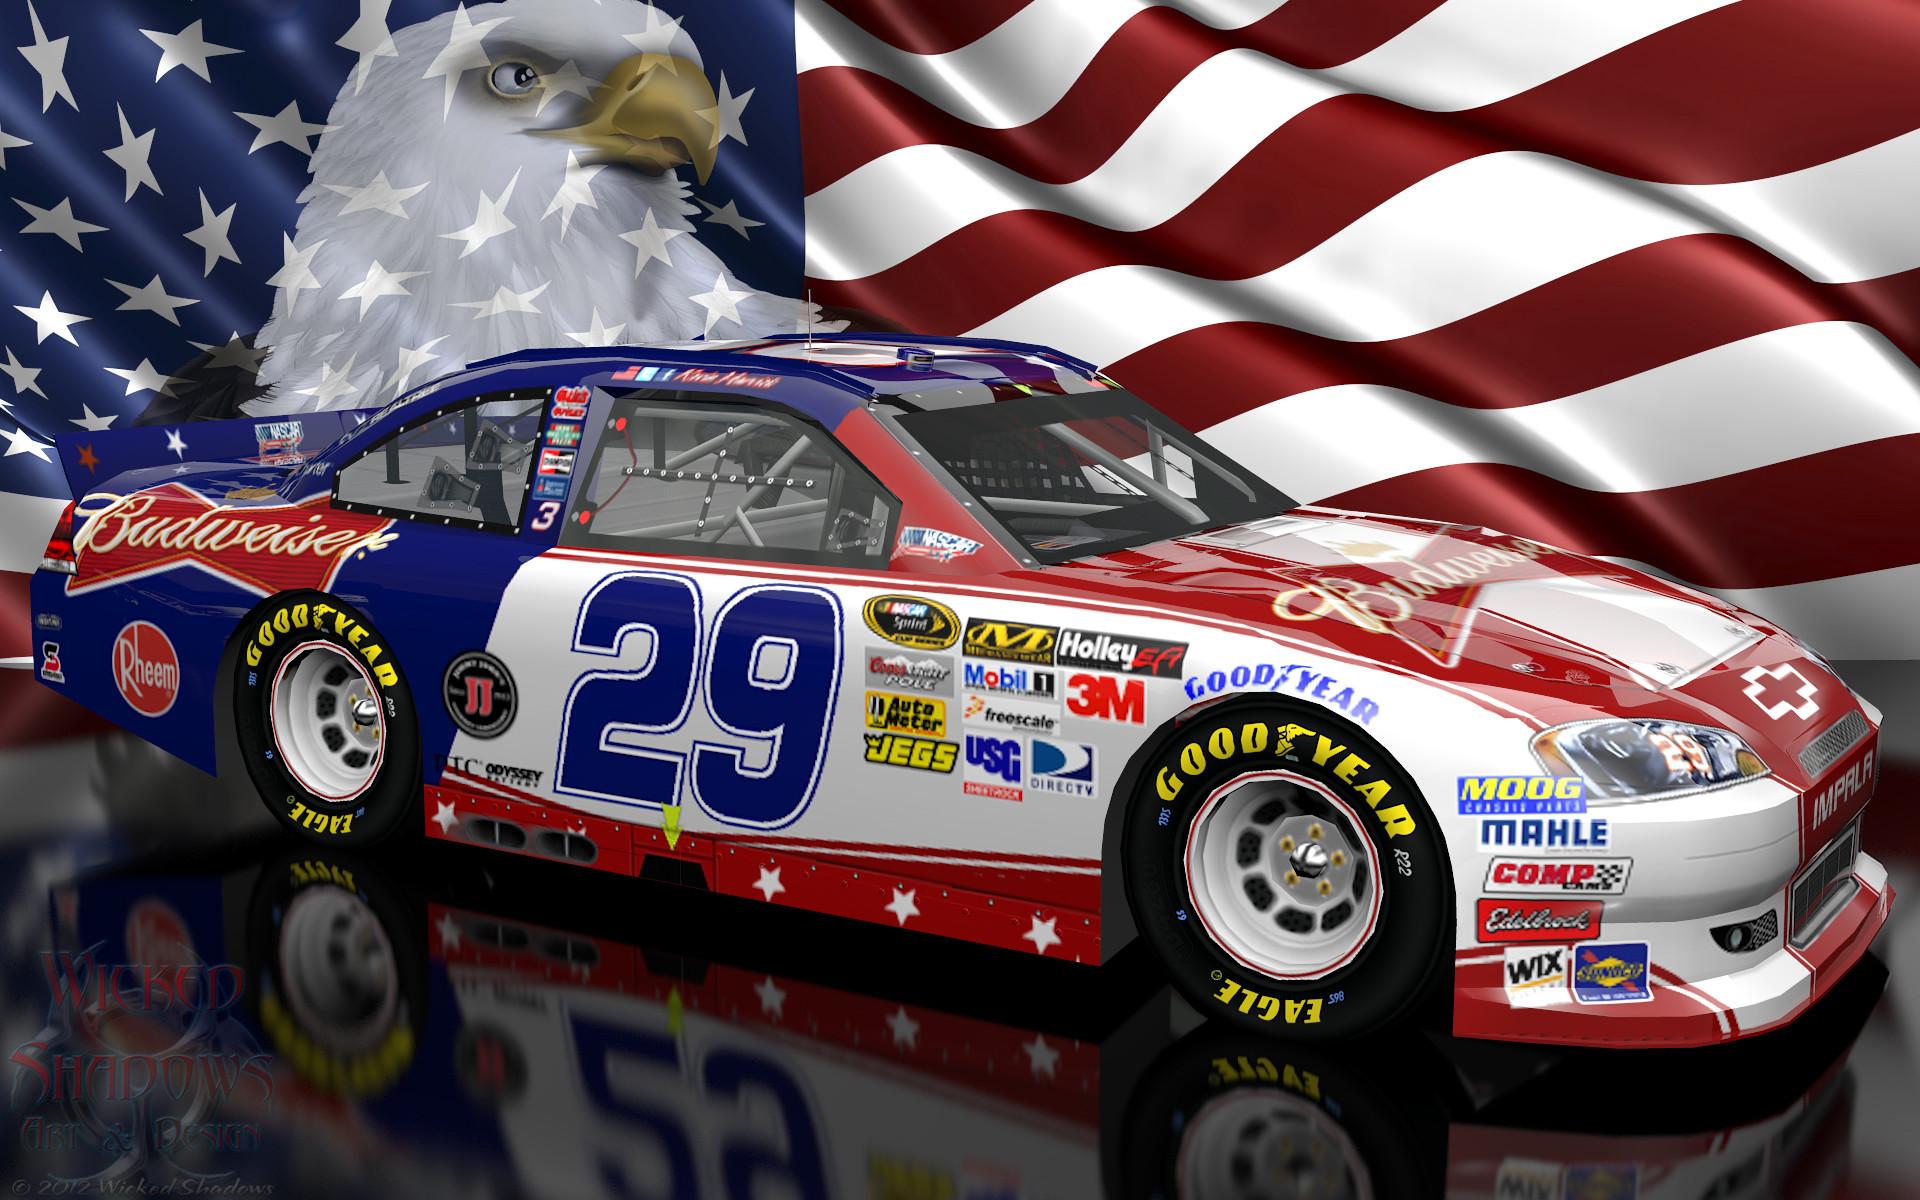 Kevin Harvick NASCAR Unites Patriotic Wallpaper